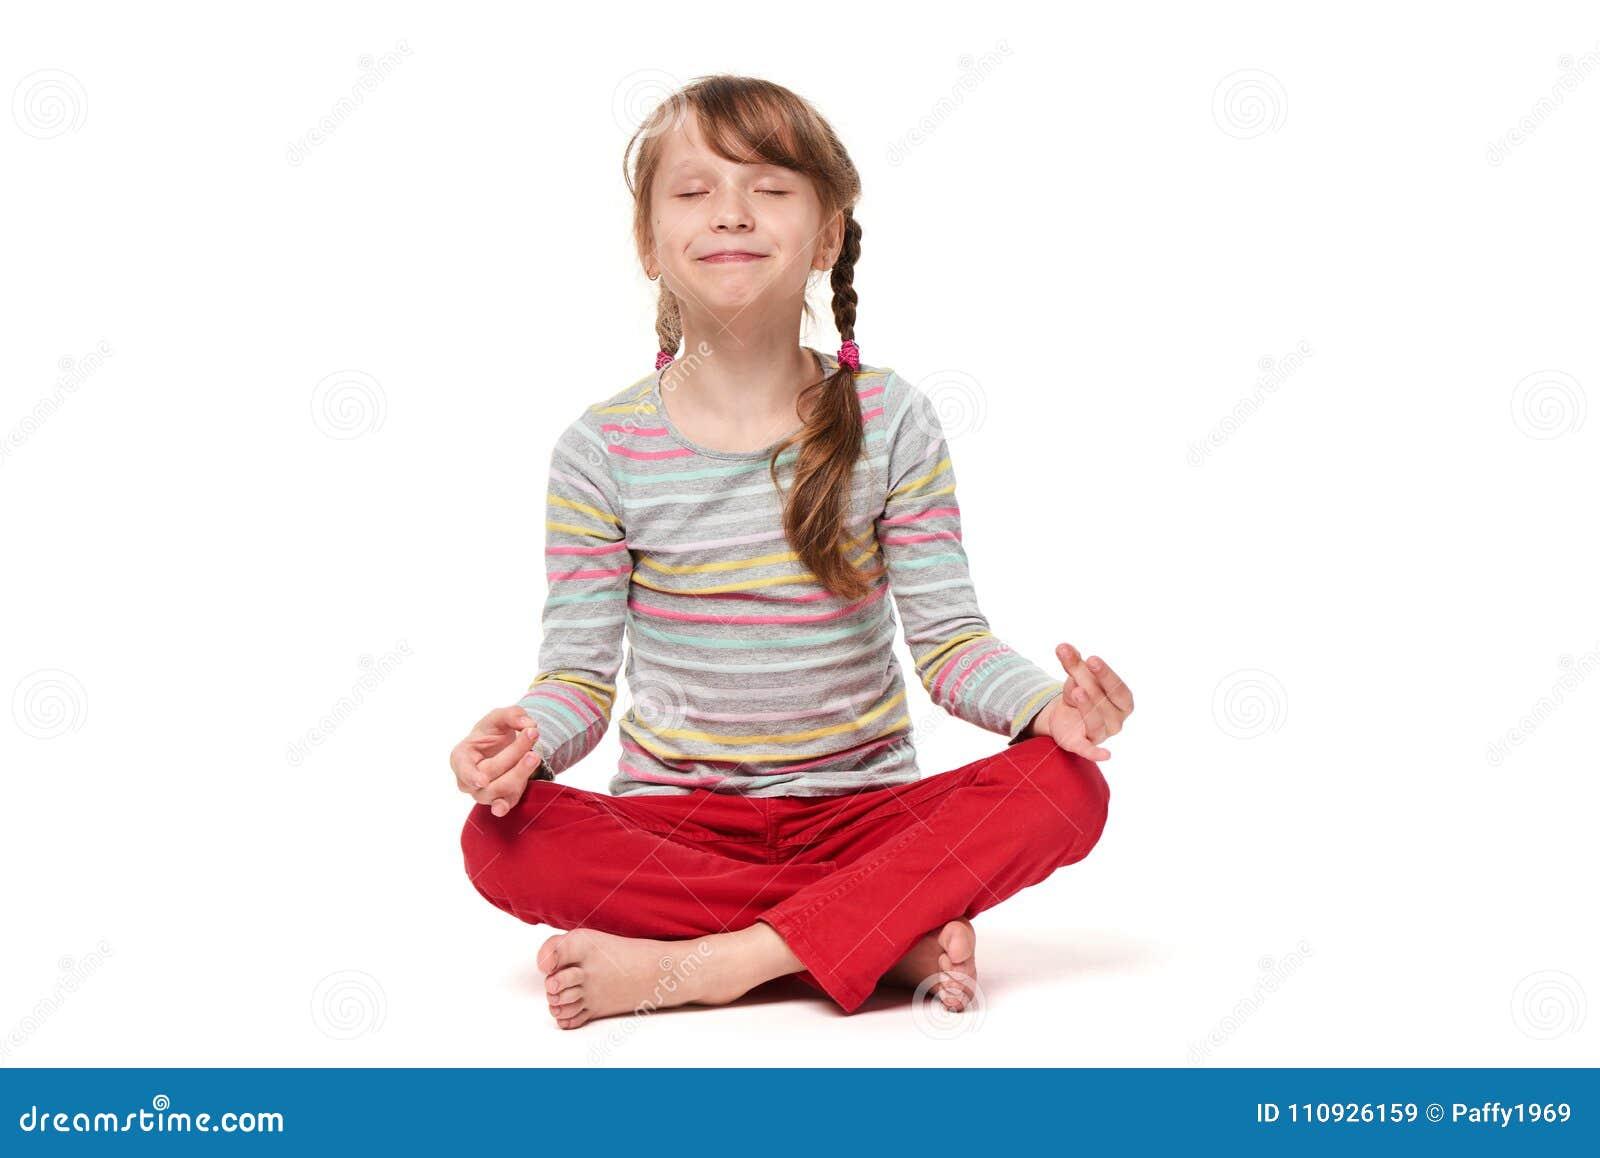 Girl Sitting In Lotus Pose Meditating Smiling Stock Image ...